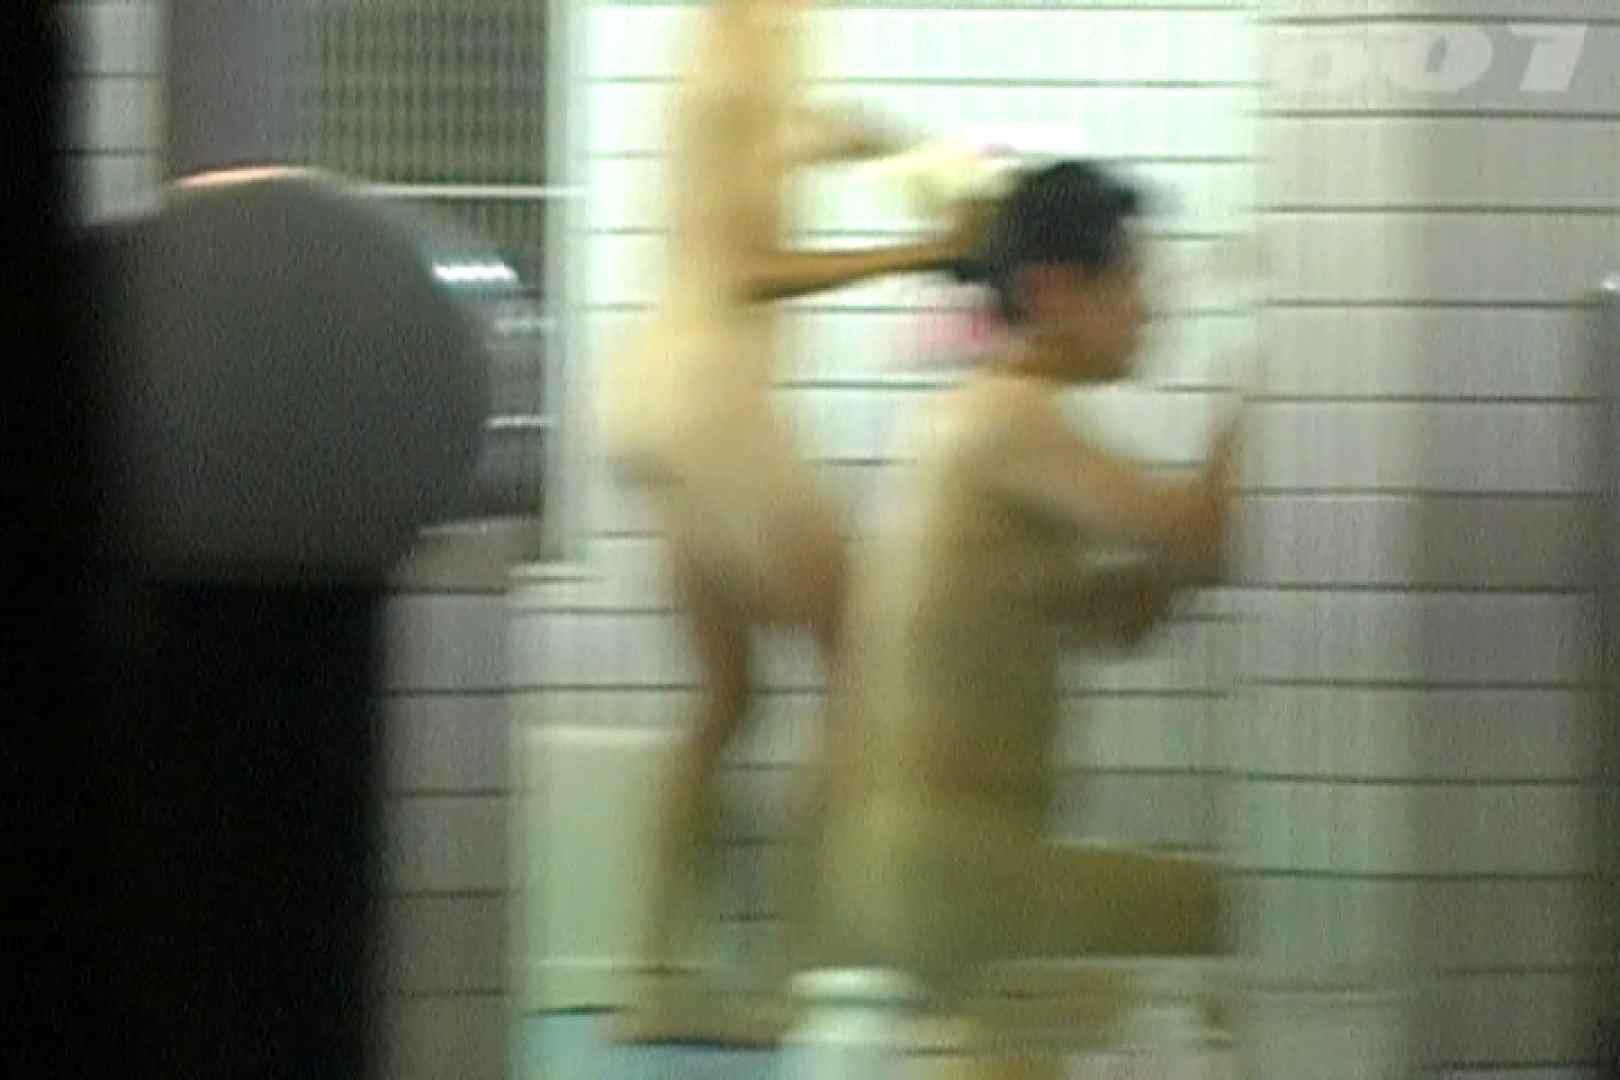 ▲復活限定▲合宿ホテル女風呂盗撮 Vol.07 入浴シーン   盗撮エロすぎ  85連発 32